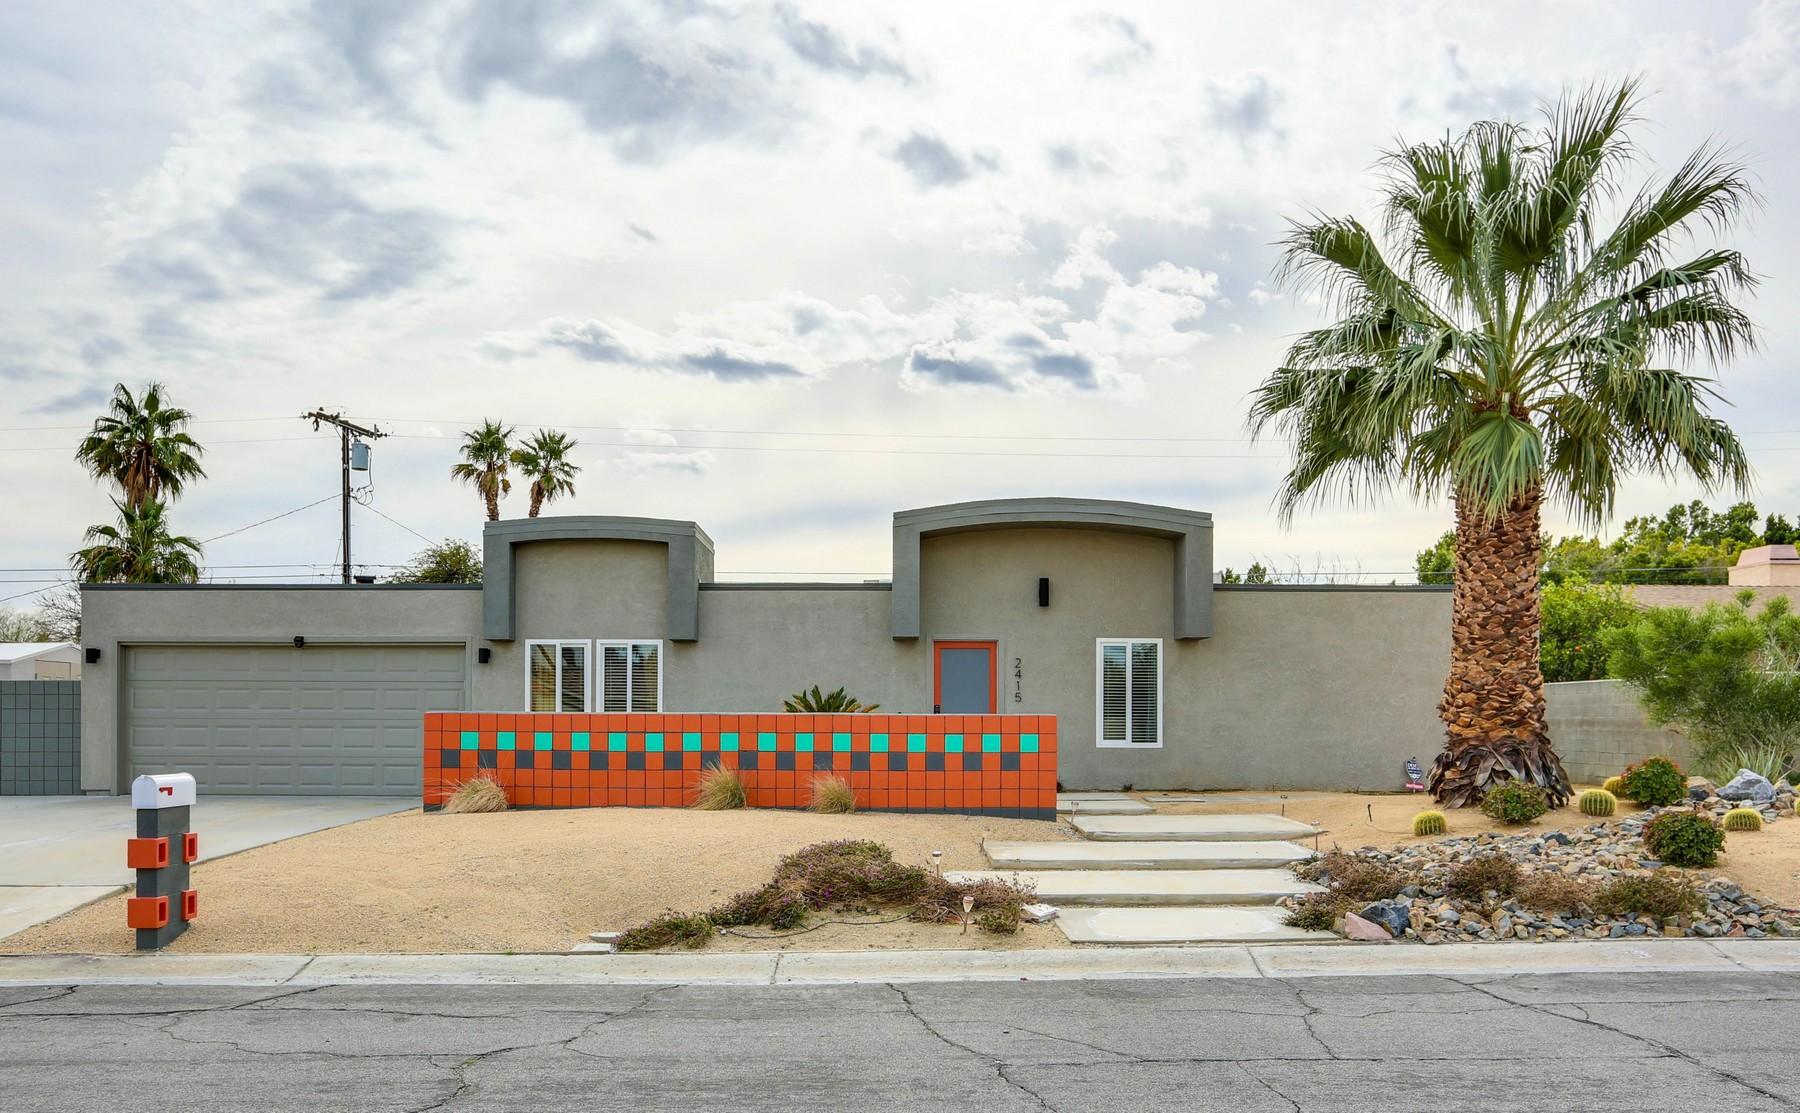 獨棟家庭住宅 為 出售 在 2415 East Finley Rd Palm Springs, 加利福尼亞州, 92262 美國